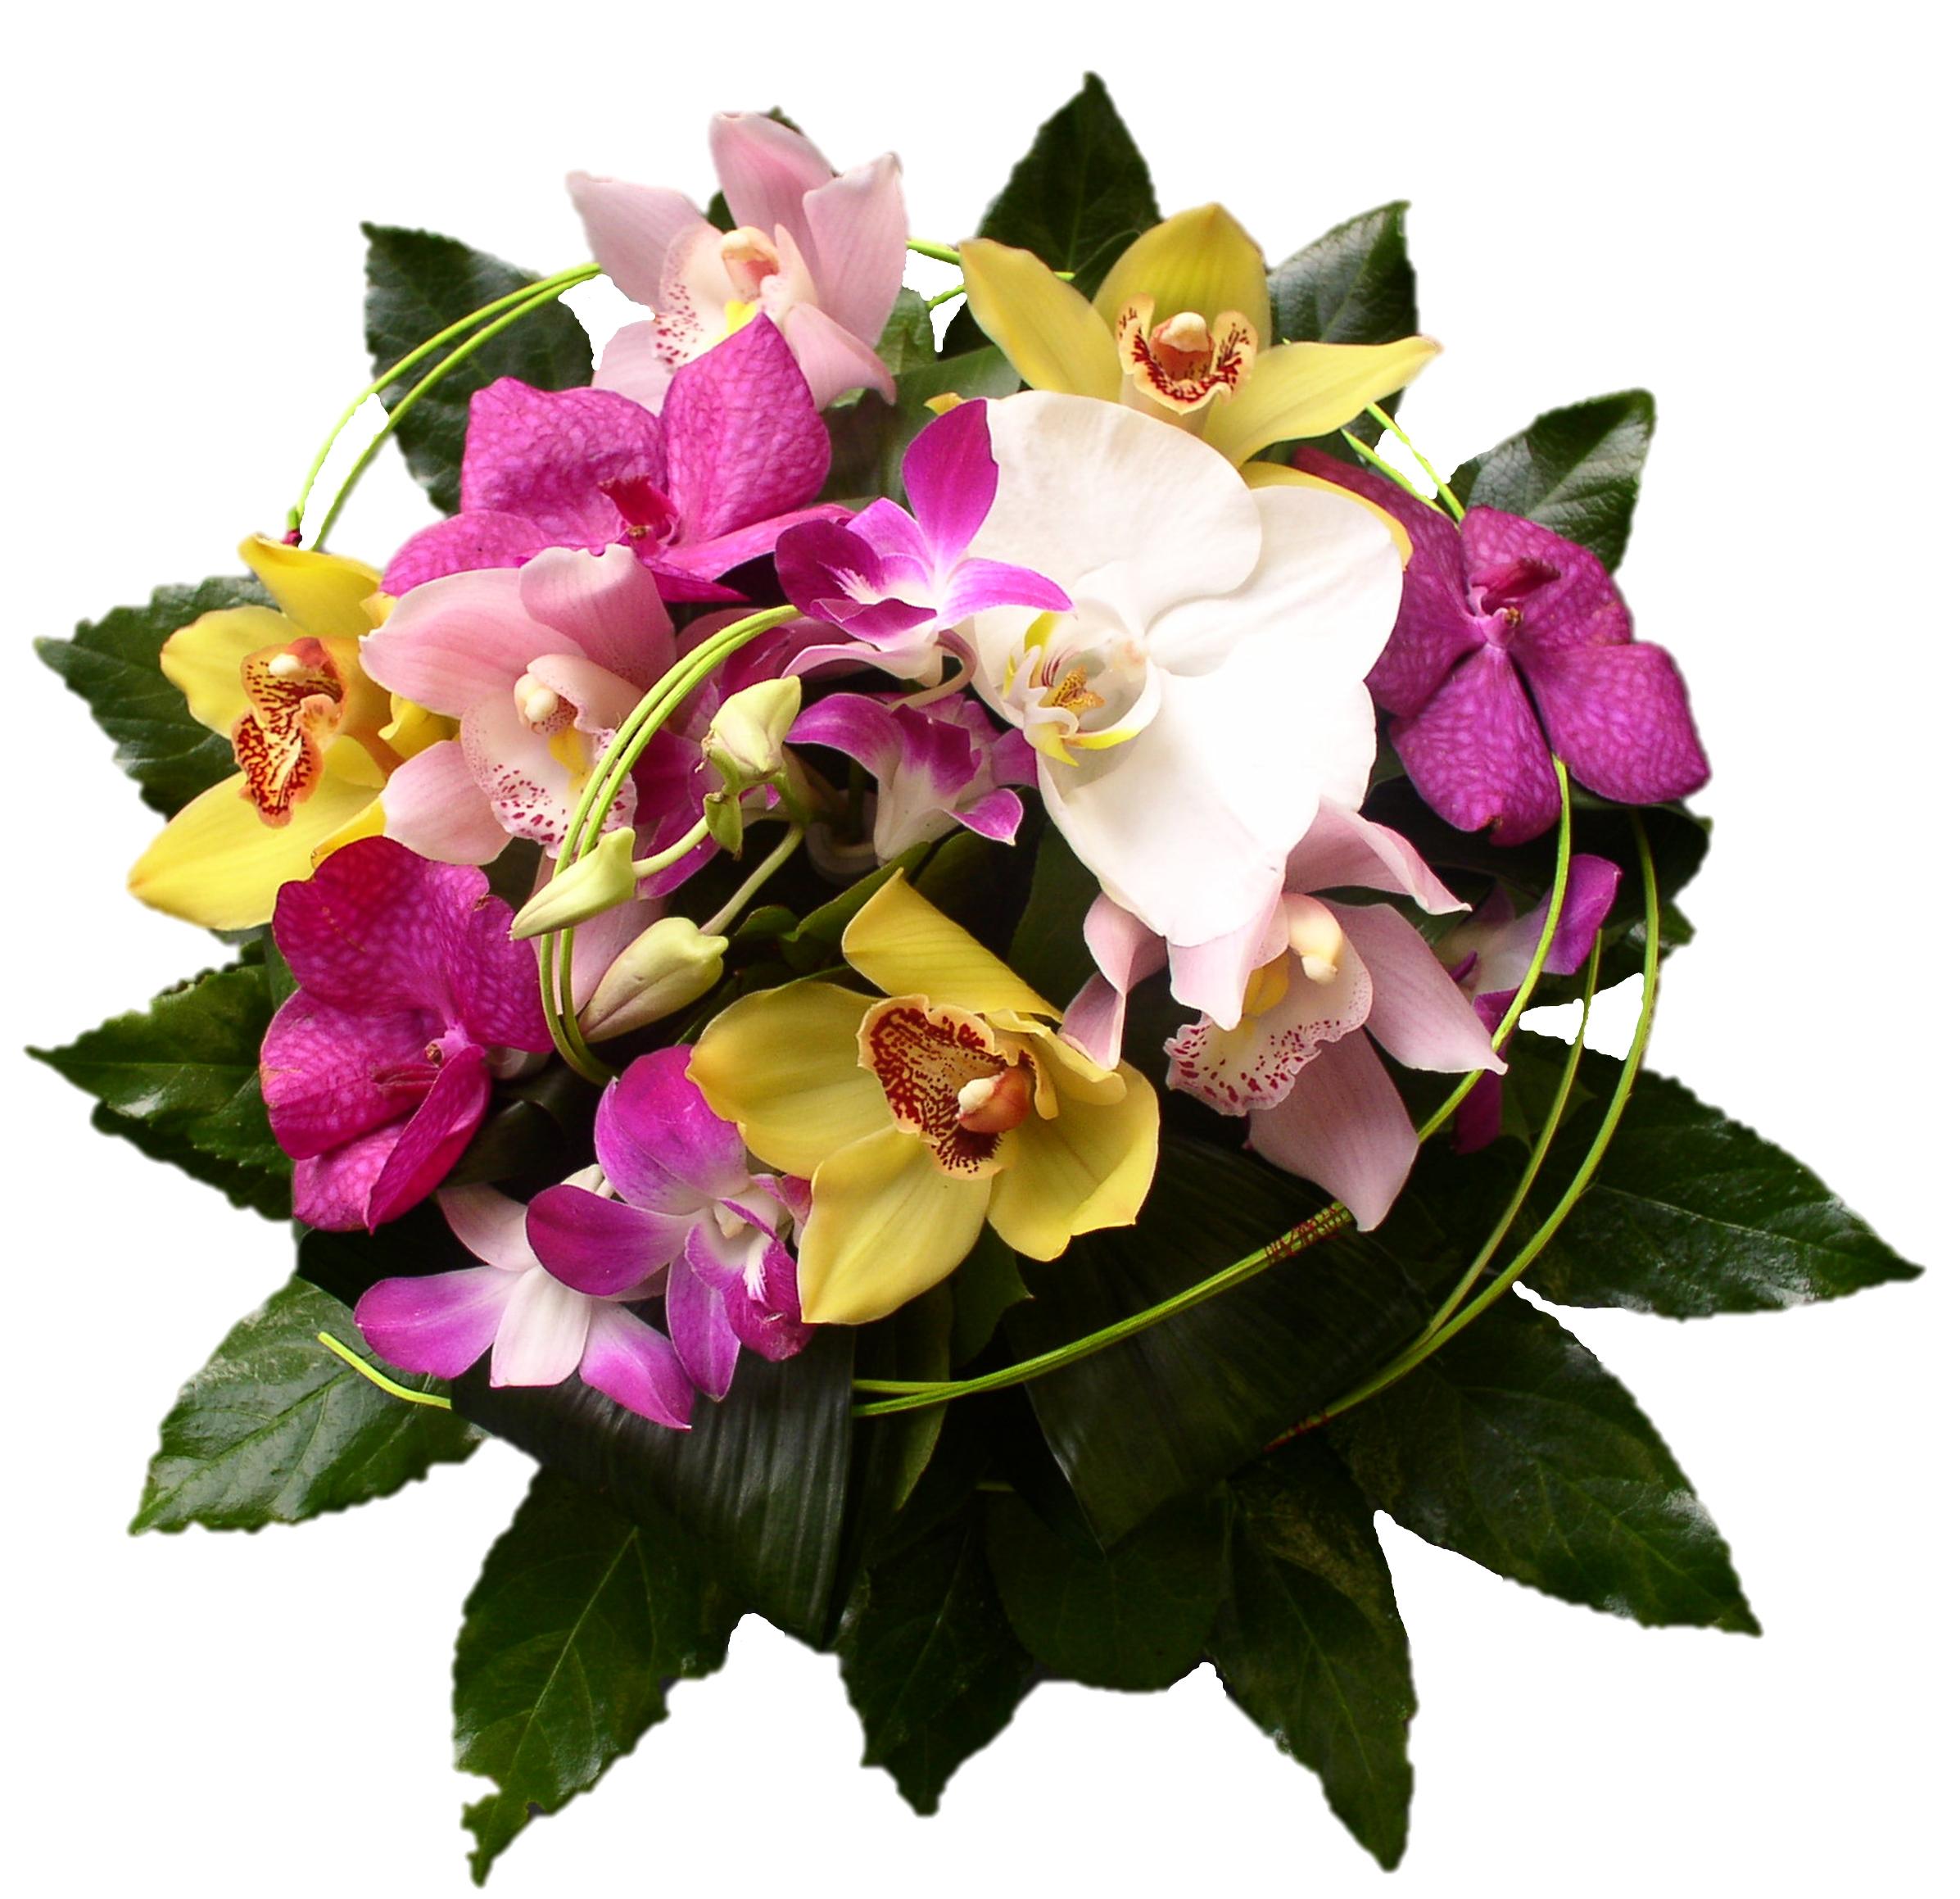 Lundi 19 juin 2017 Bouquet-manille-livraison-fleurs-exotique-orchidee-phalenopsis-vanda-cymbidium-dindrobium-bouguenais